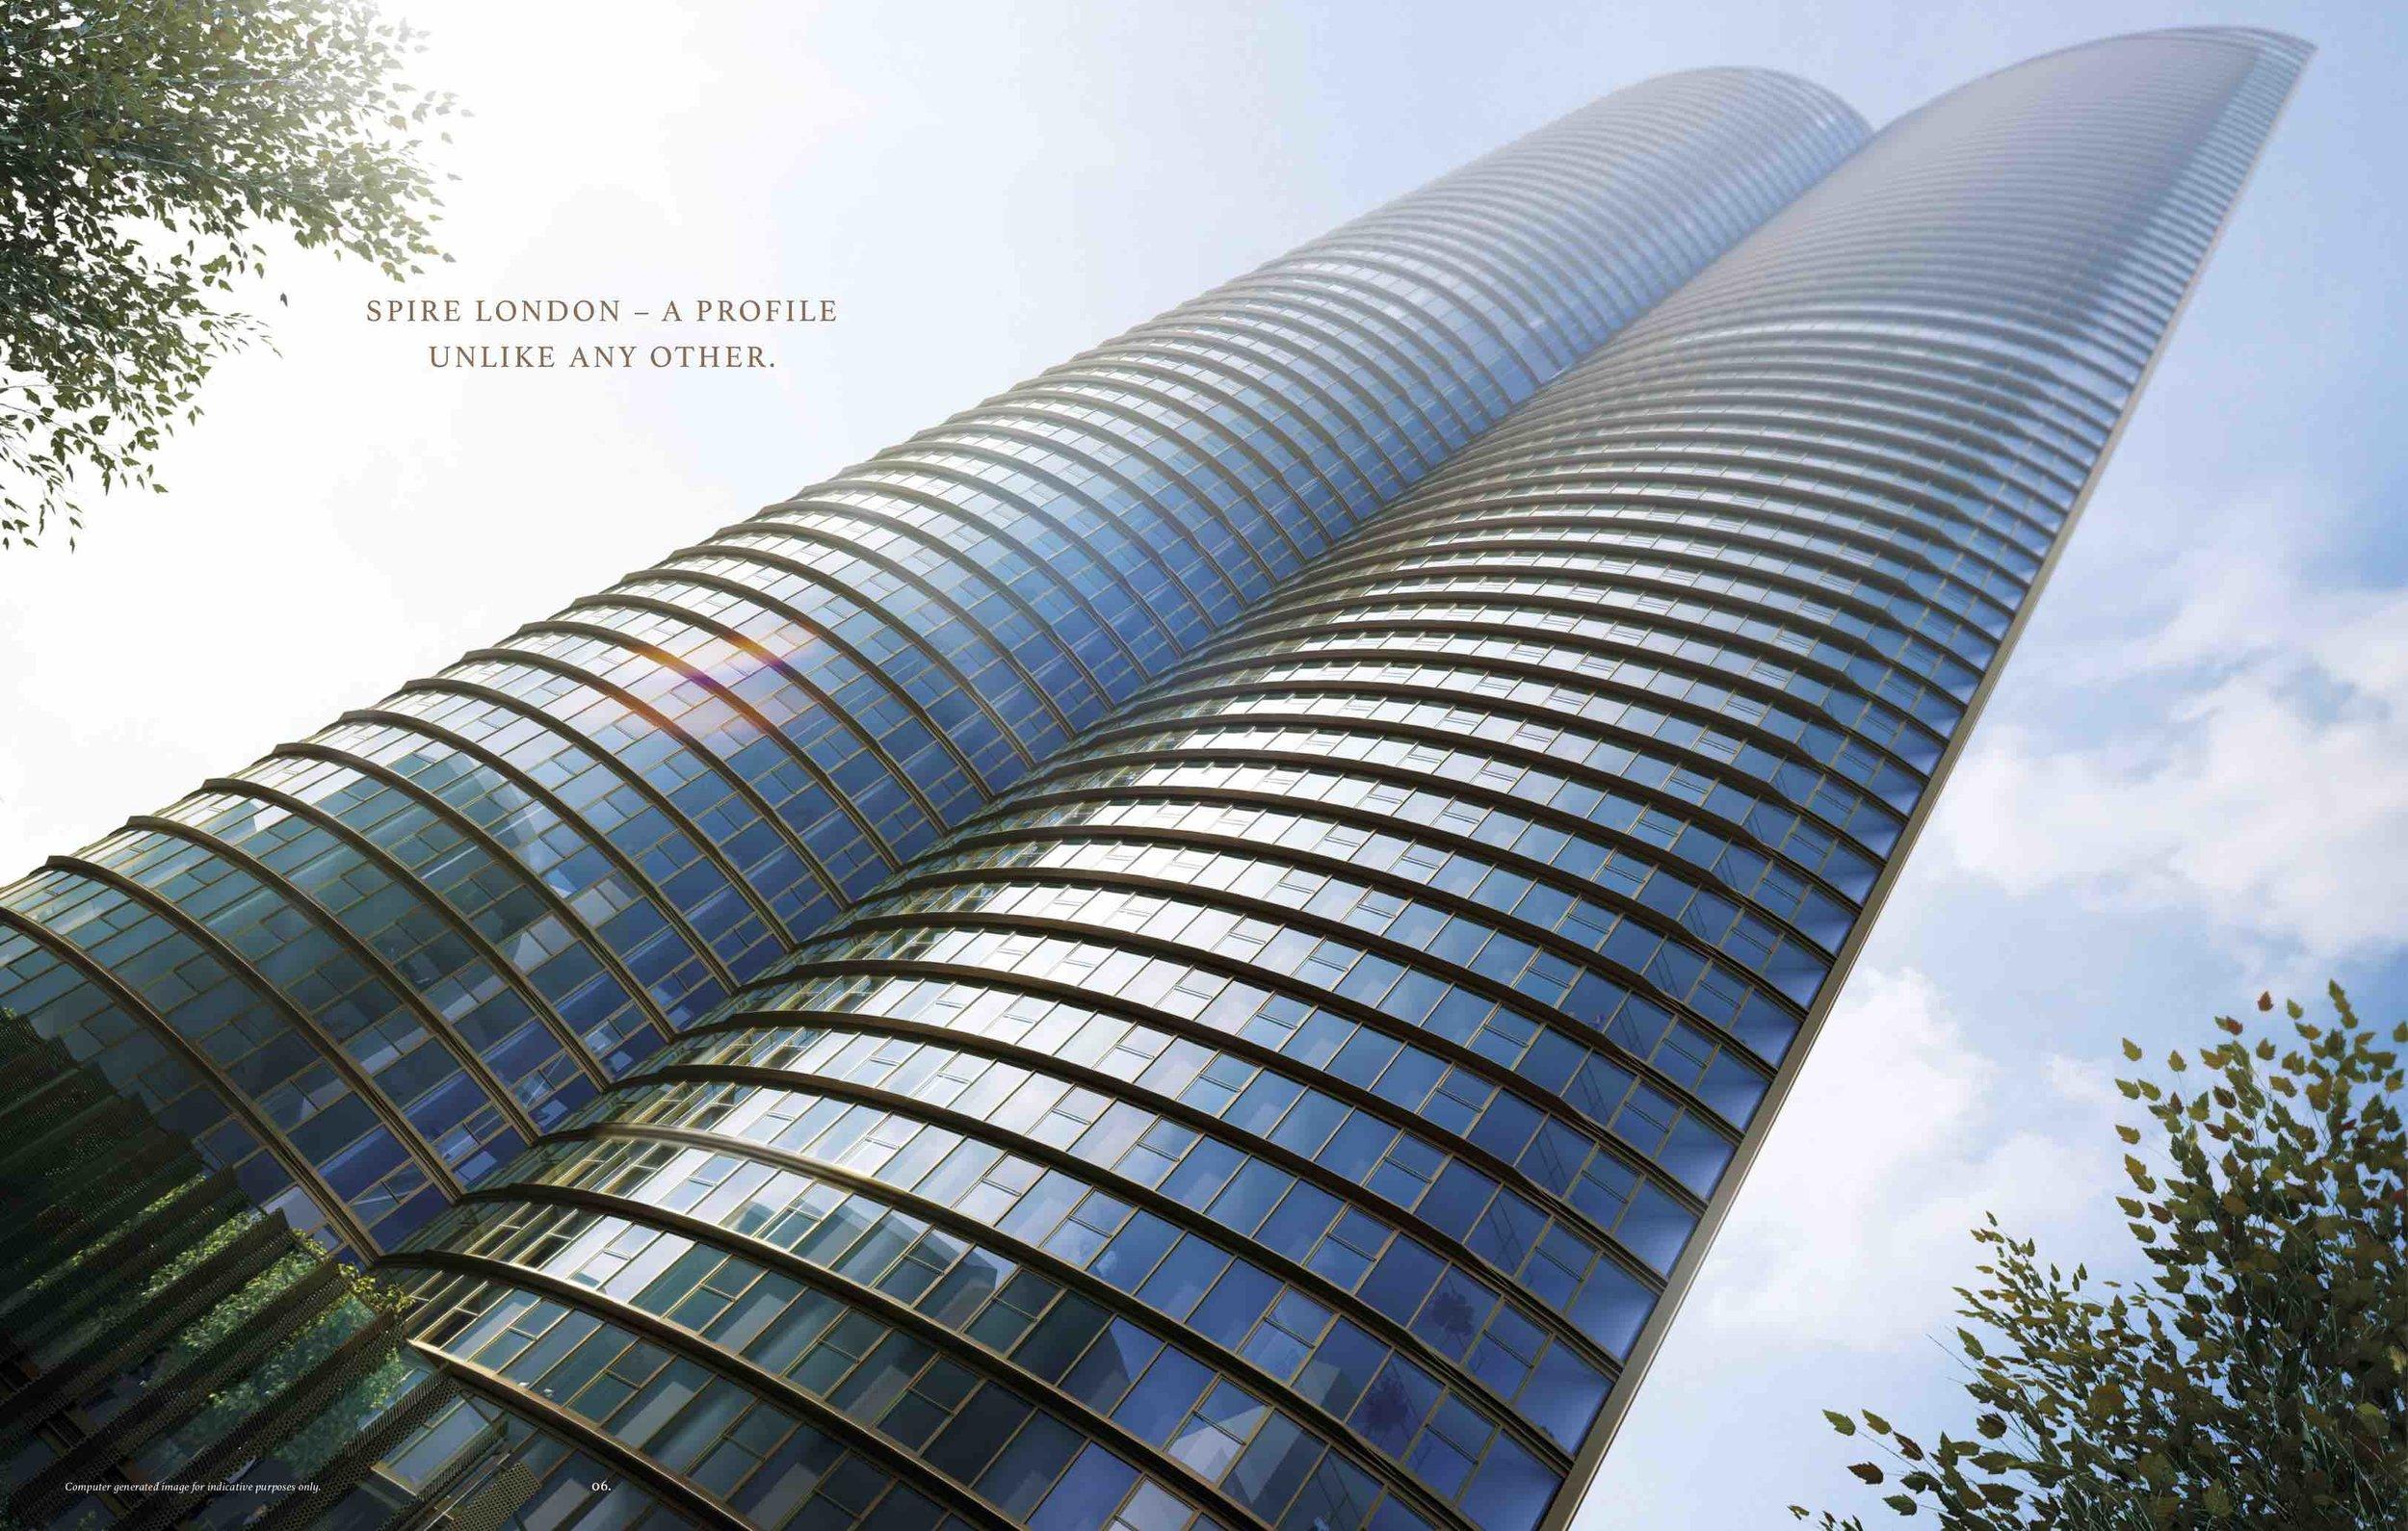 1605630 London Spire_v22_Visual HR copy 6.jpg